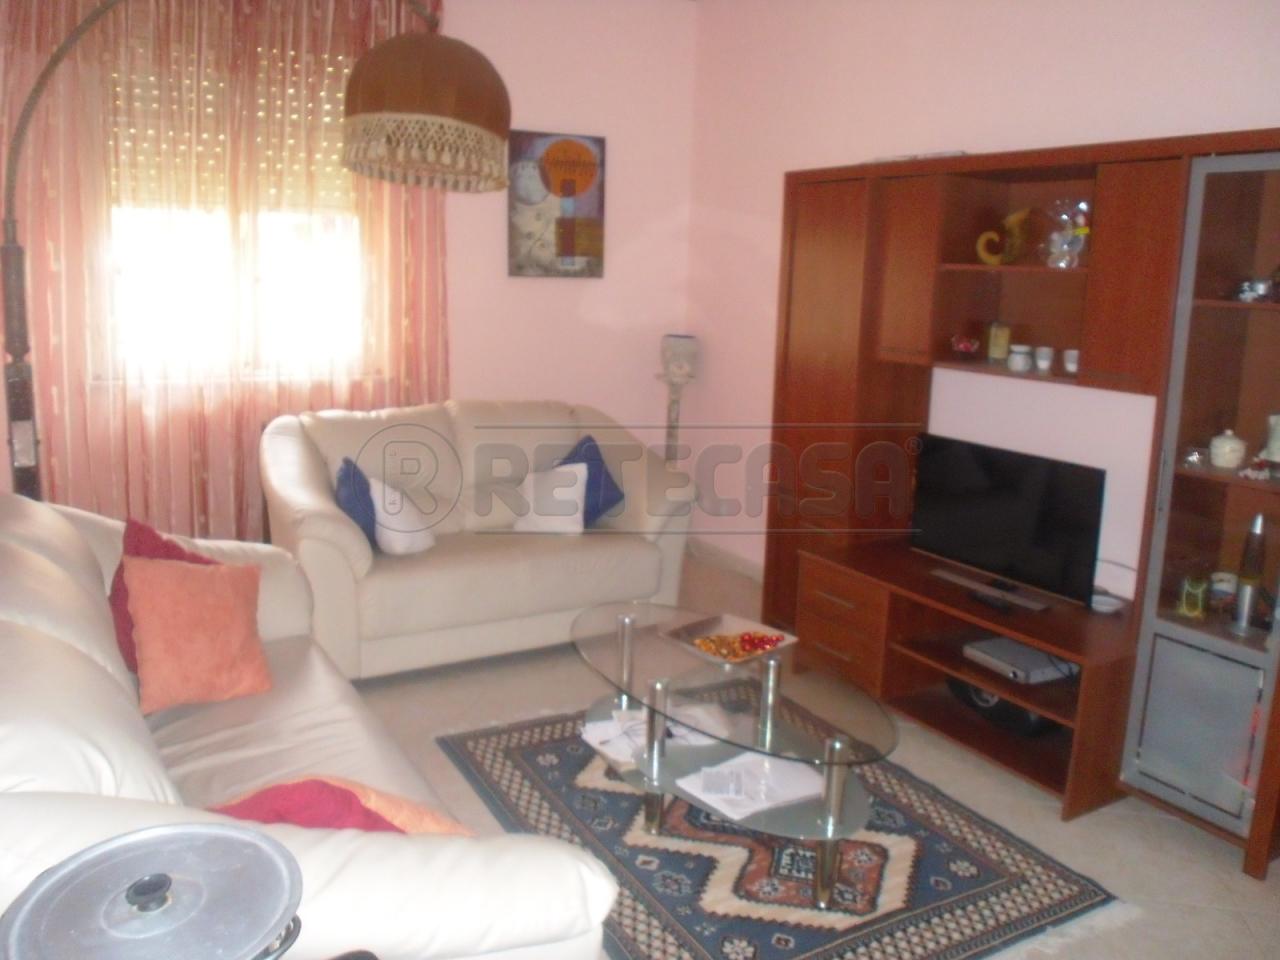 Villa in vendita a Siracusa, 6 locali, prezzo € 150.000 | Cambio Casa.it